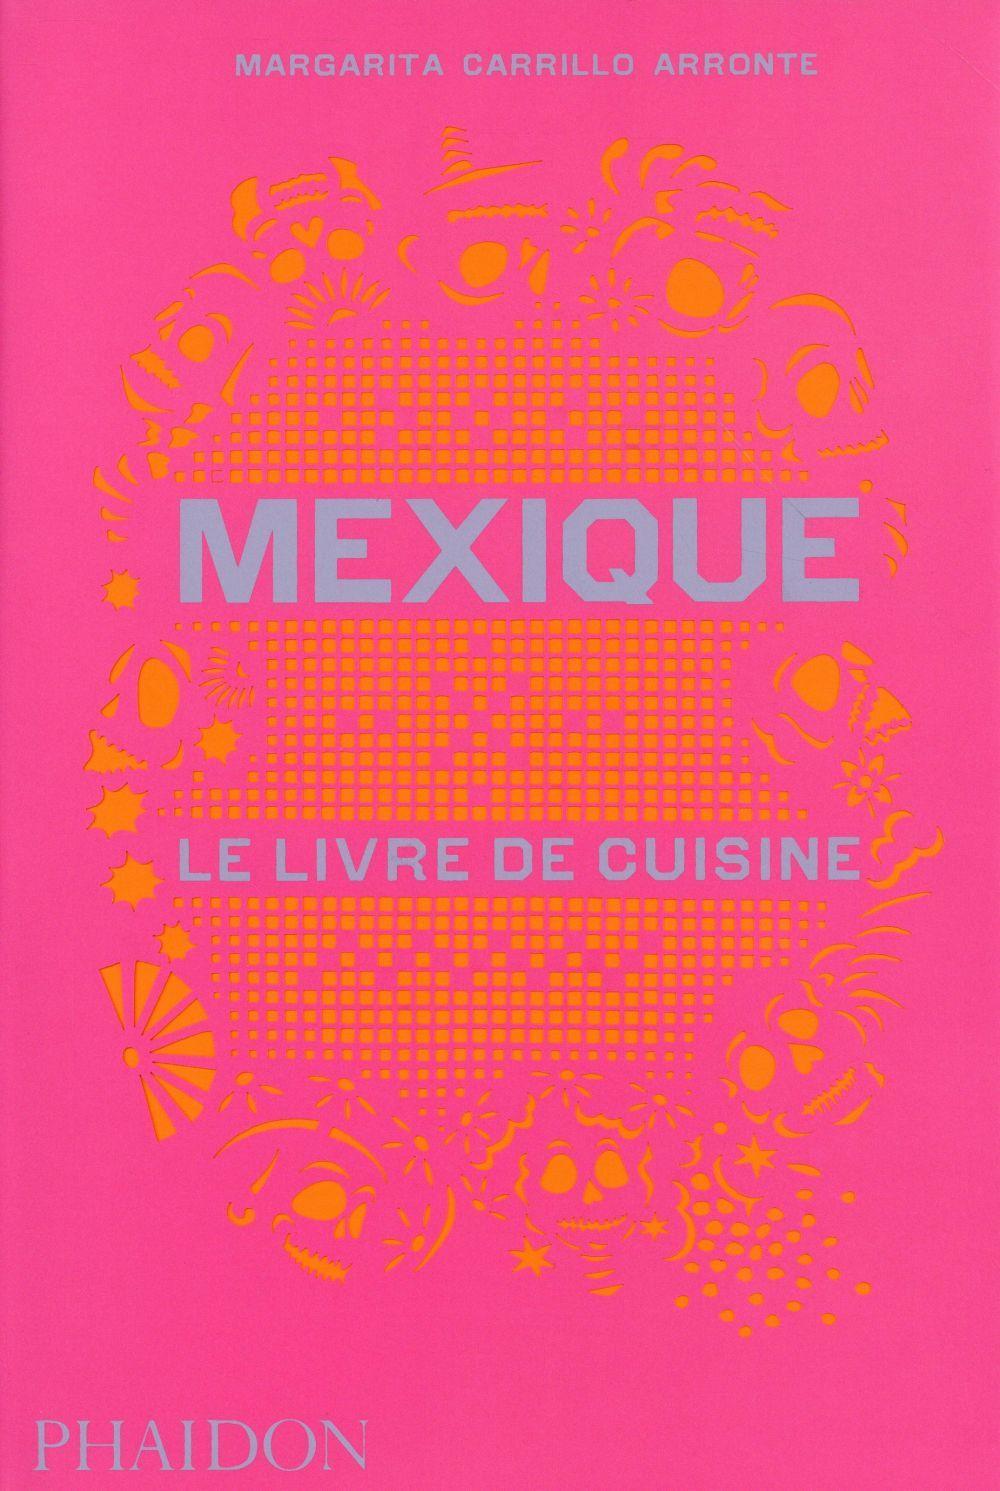 Mexique le livre de cuisine margarita garrillo arronte - Livre de cuisine francaise ...